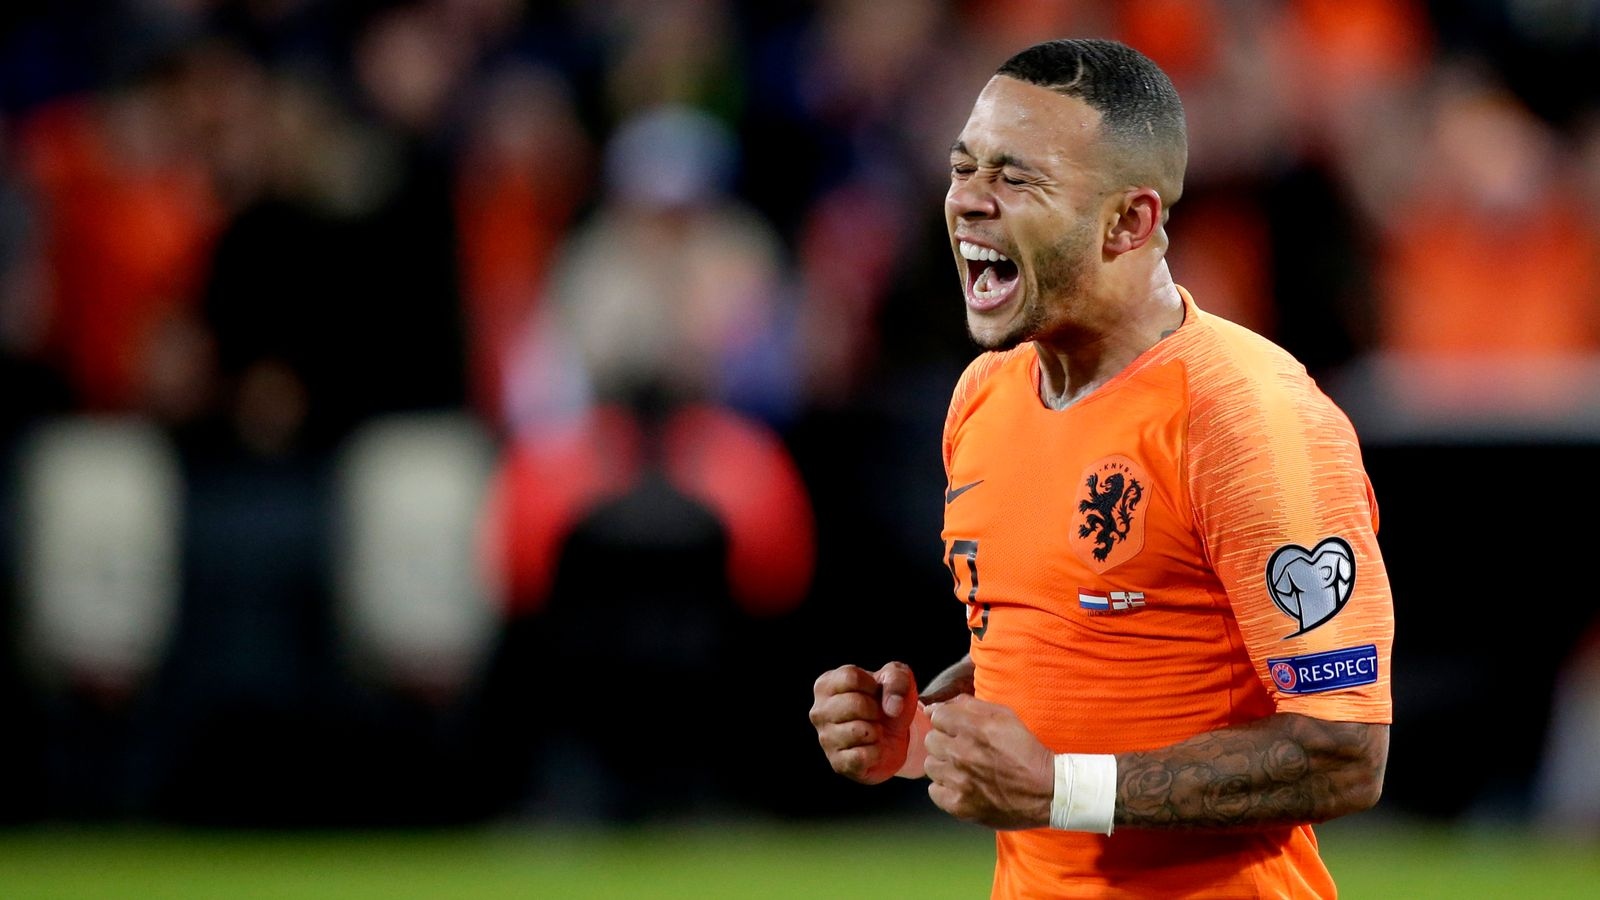 Netherlands 3-1 Northern Ireland: Late goals beat Michael O'Neill's men